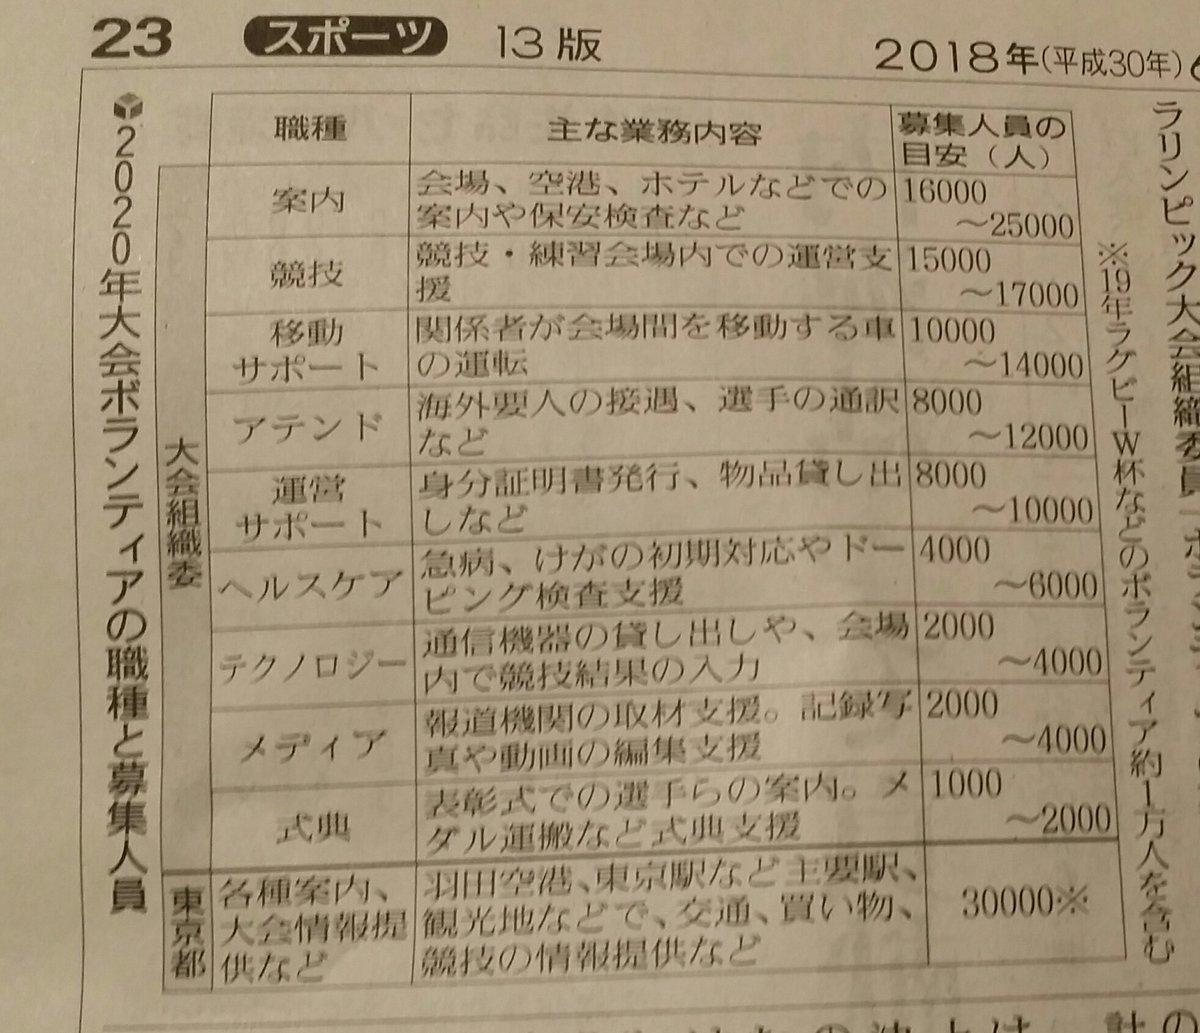 【悲報】東京五輪、「ボランティア」に移動車の運転や、要人の接遇、通訳などを任せる暴君っぷりがすごい